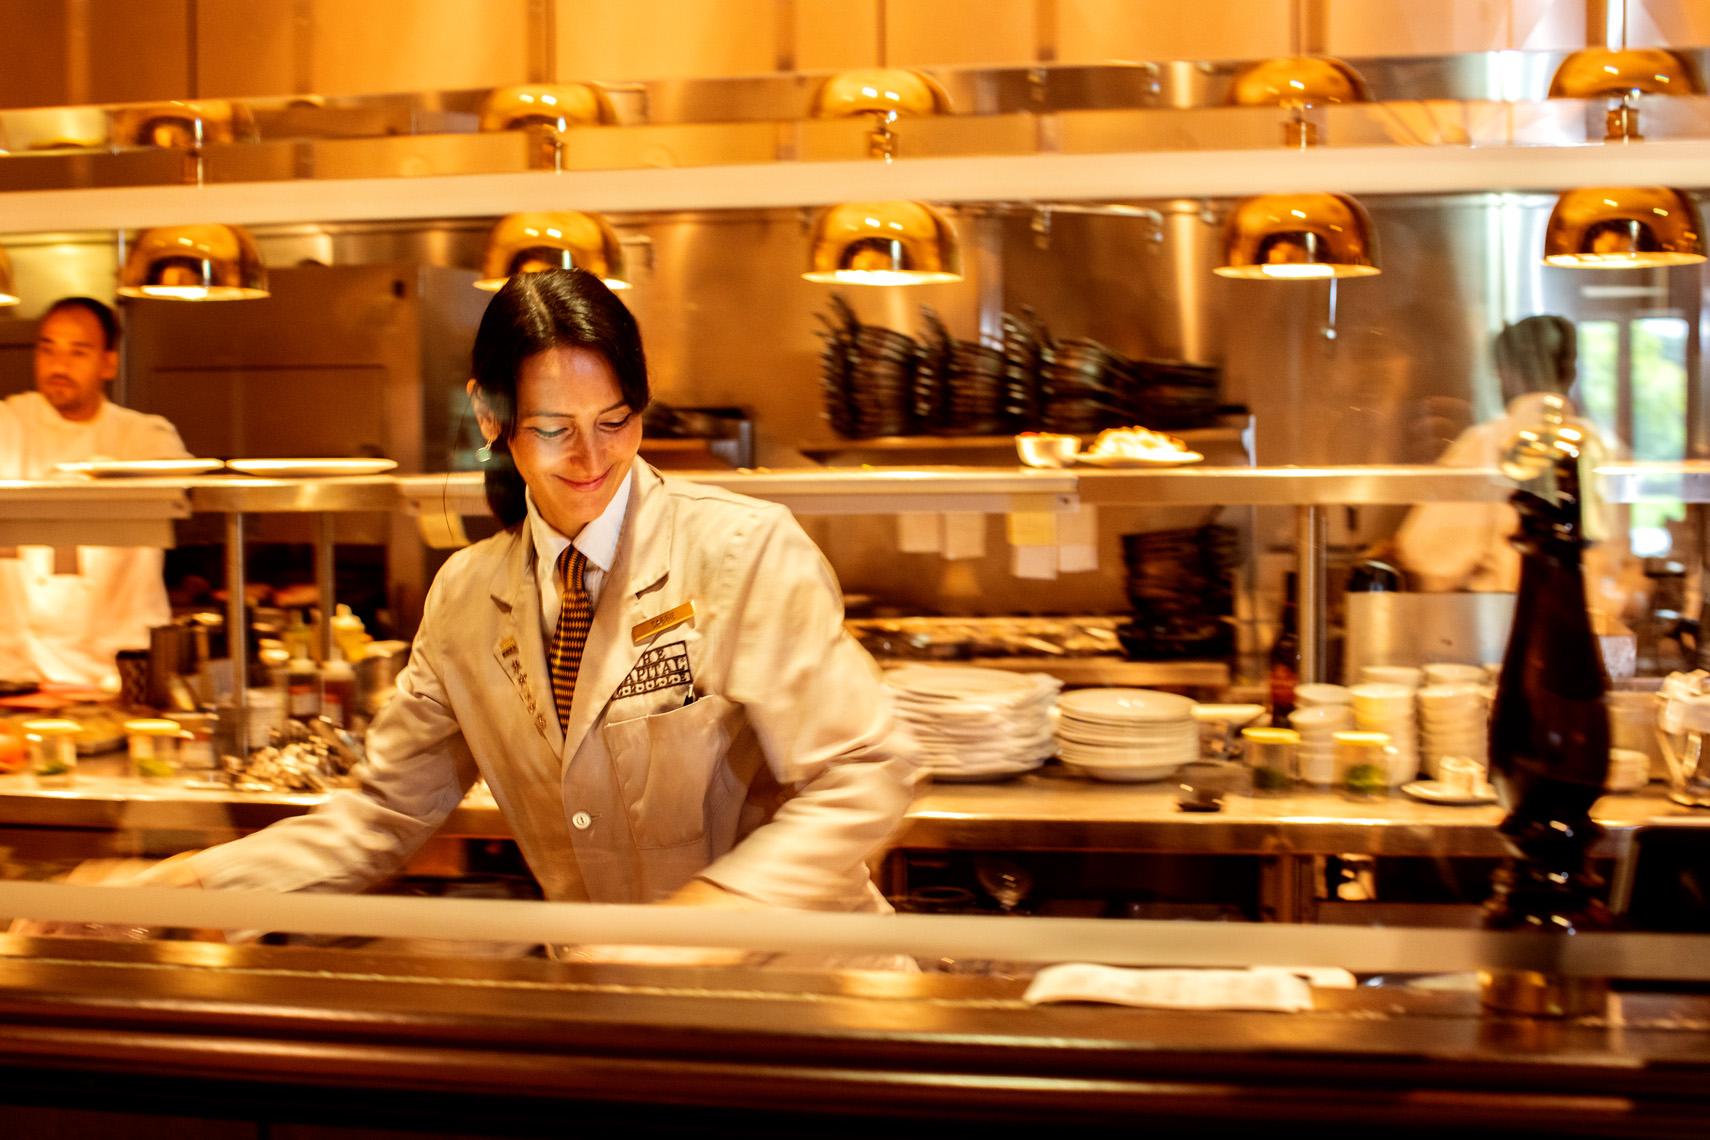 Kitchen_Misc_0660-1.jpeg